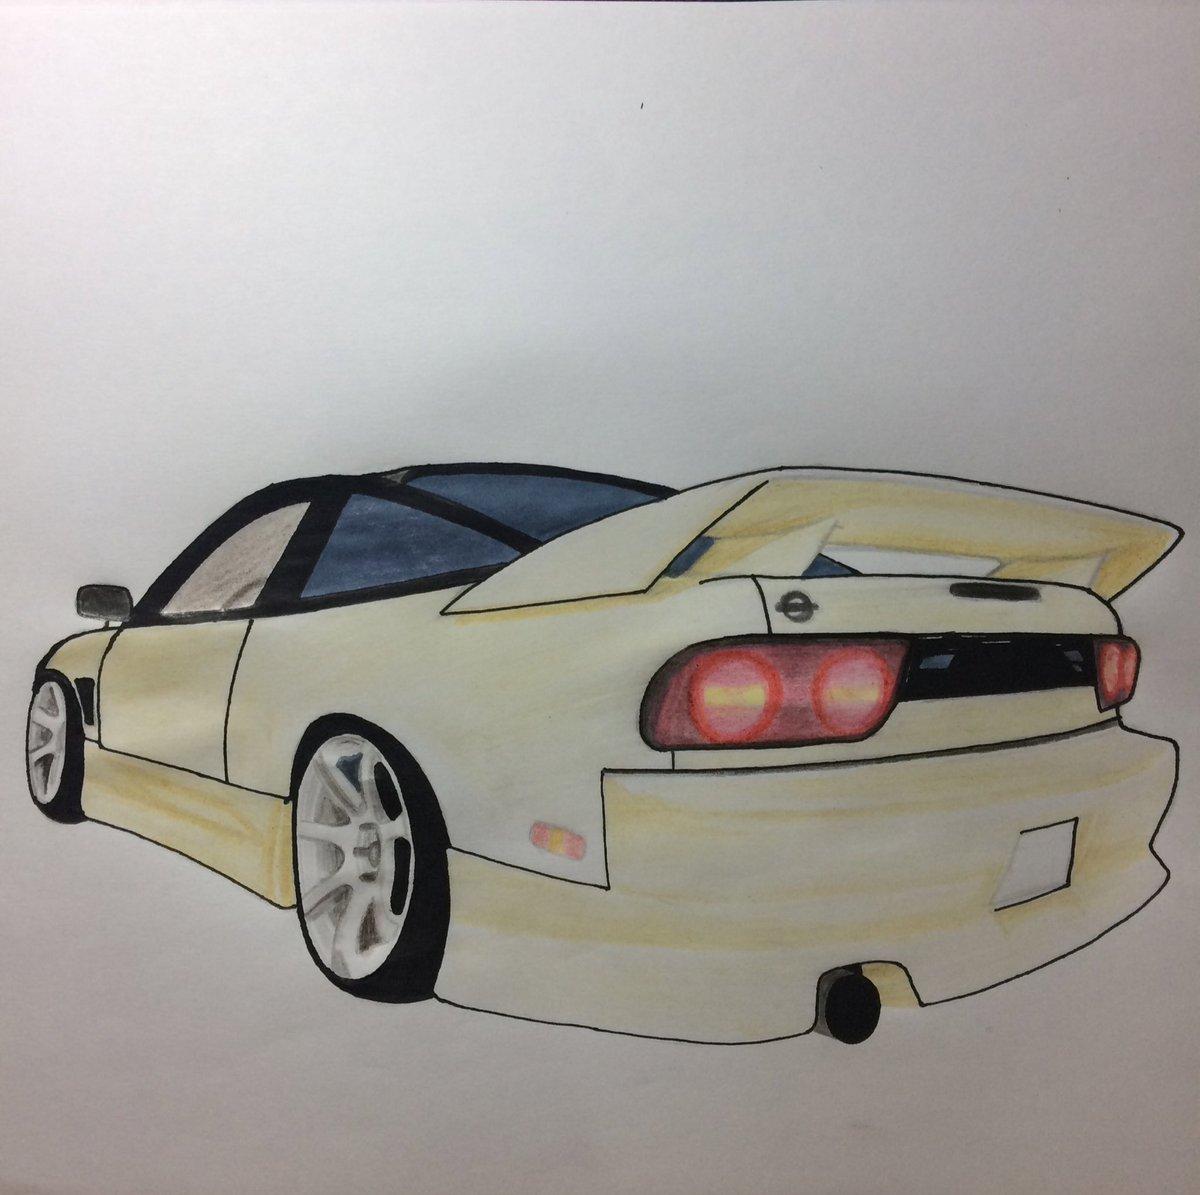 Maurii On Twitter Adam Lz Nissan 240sx Drift Car Draw